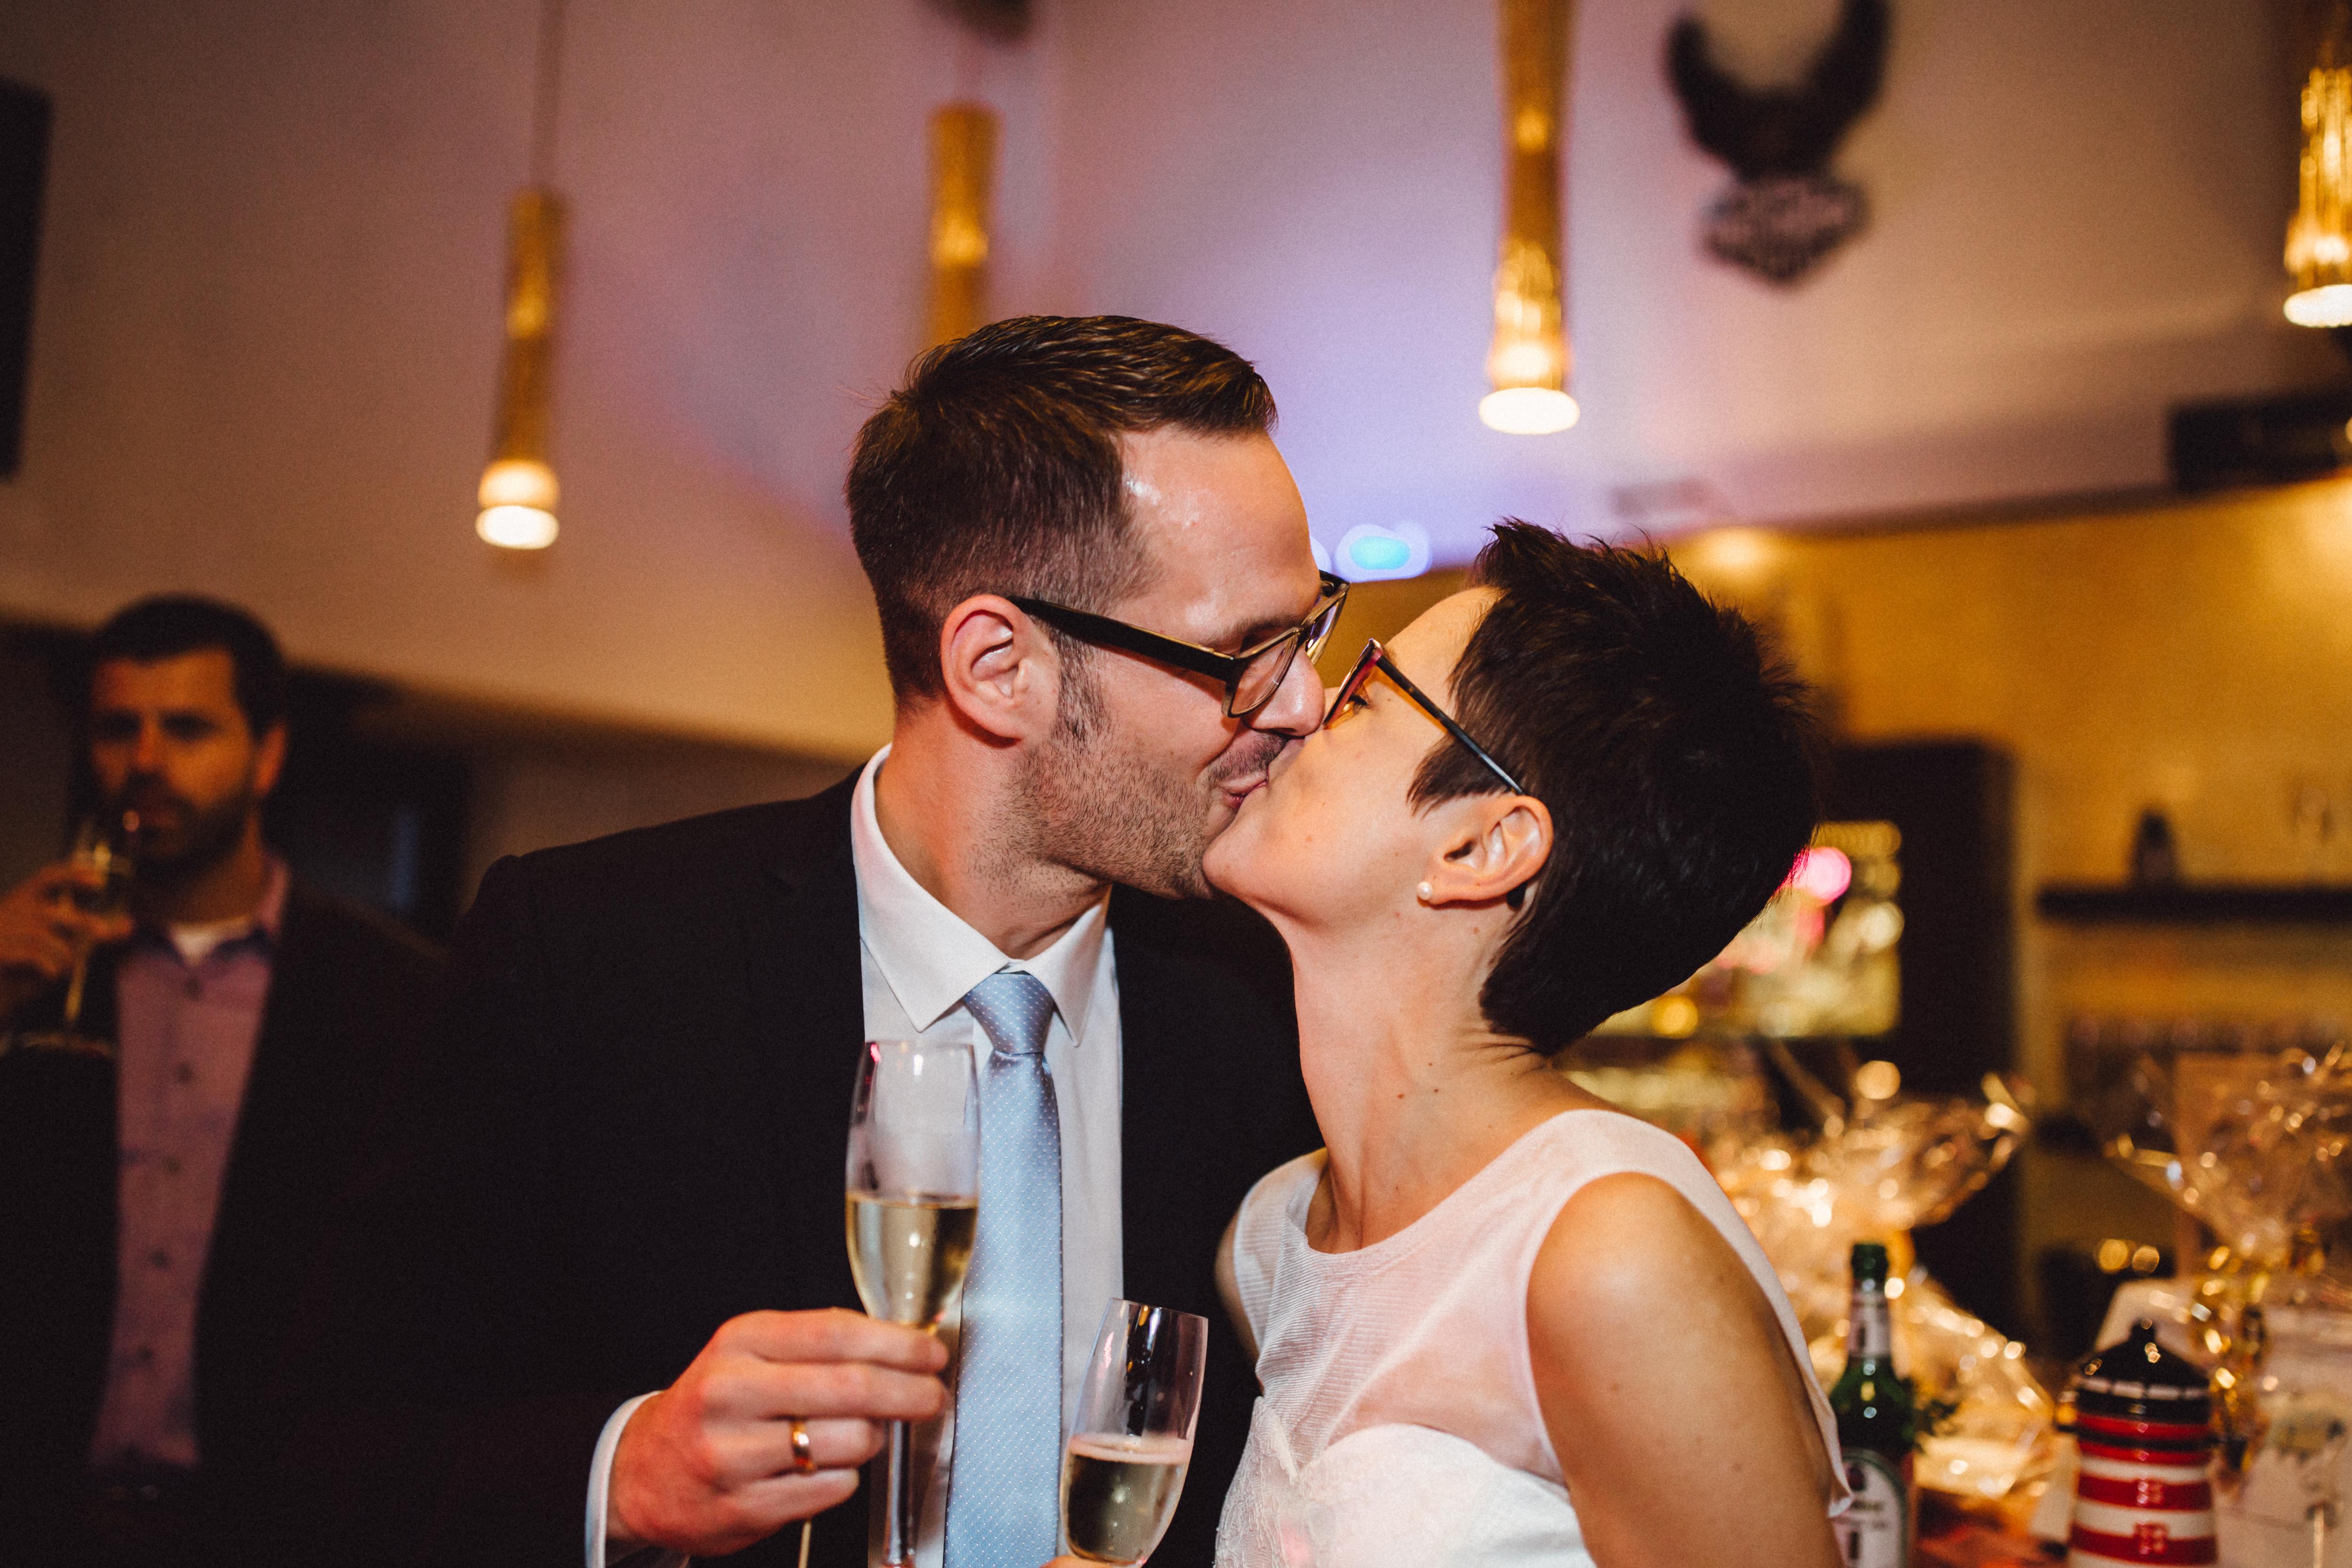 URBANERIE_Daniela_Goth_Hochzeitsfotografin_Nürnberg_Fürth_Erlangen_Schwabach_171028_0276